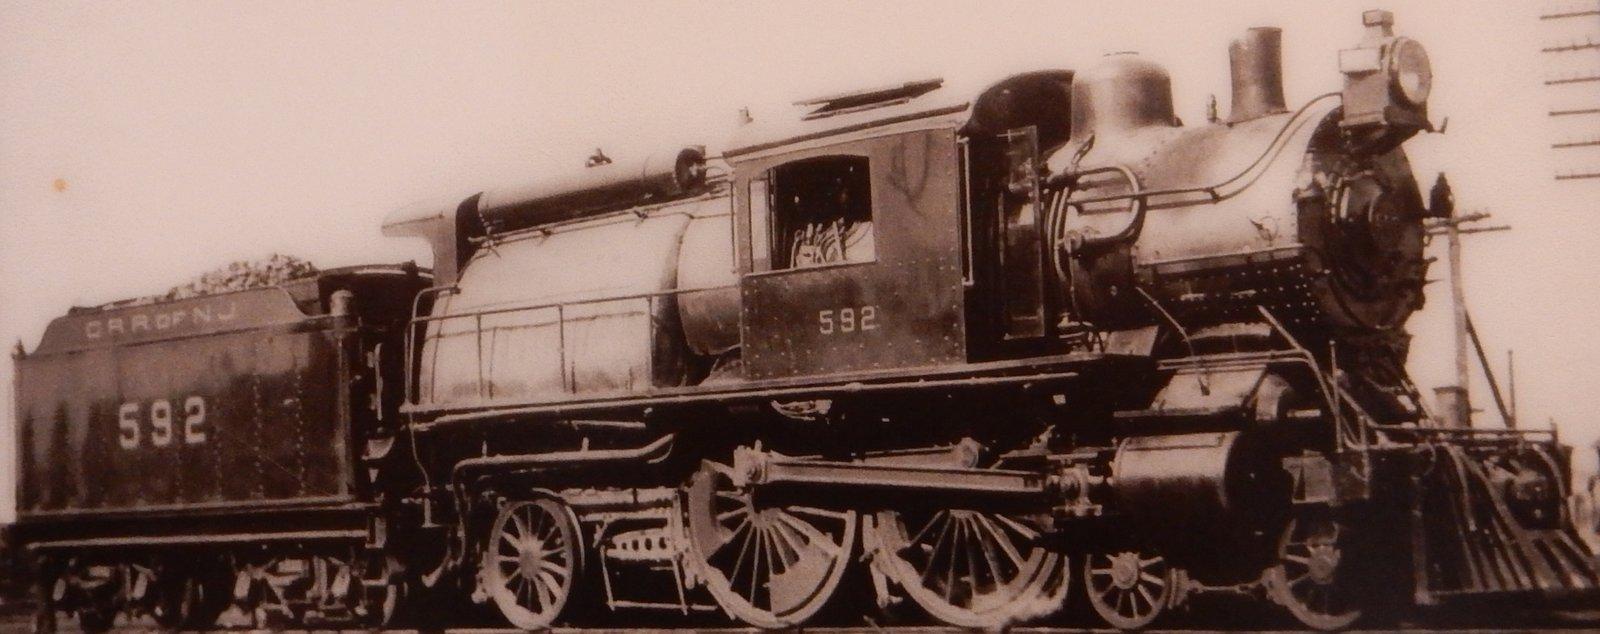 592 | Locomotive Wiki | FANDOM powered by Wikia